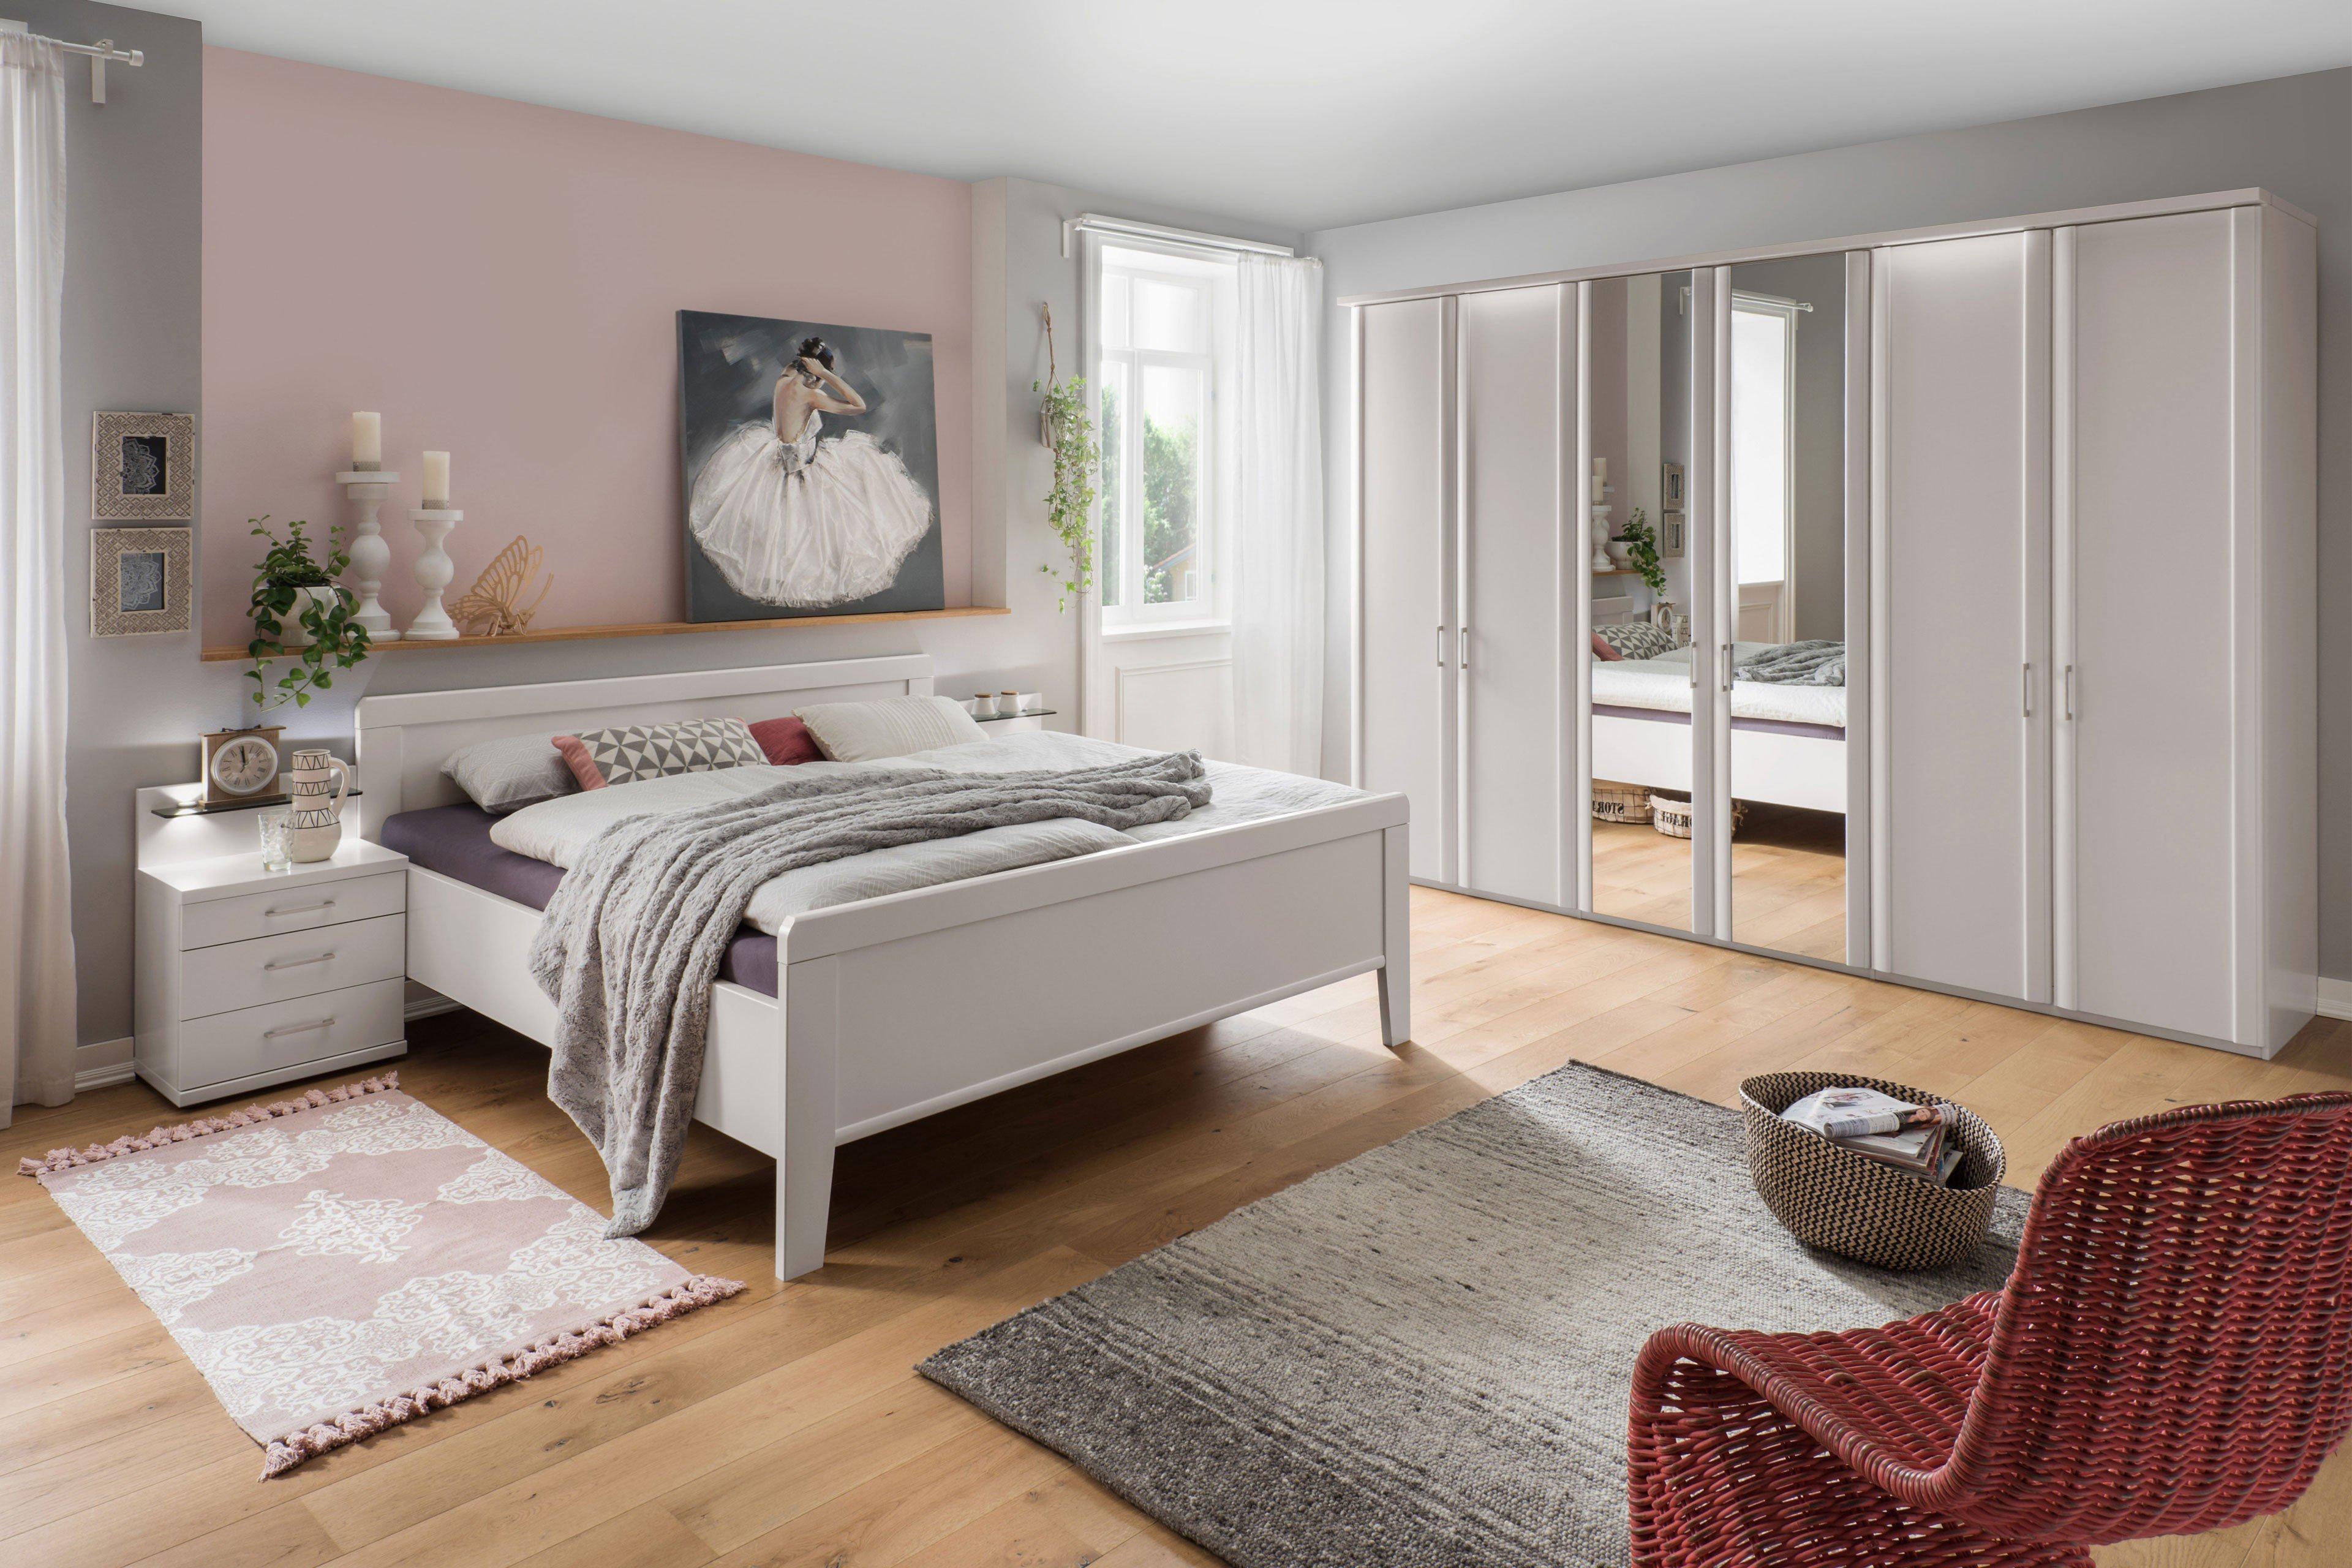 Wiemann Schlafzimmer Bern weiß mit Doppelbett | Möbel Letz - Ihr ...